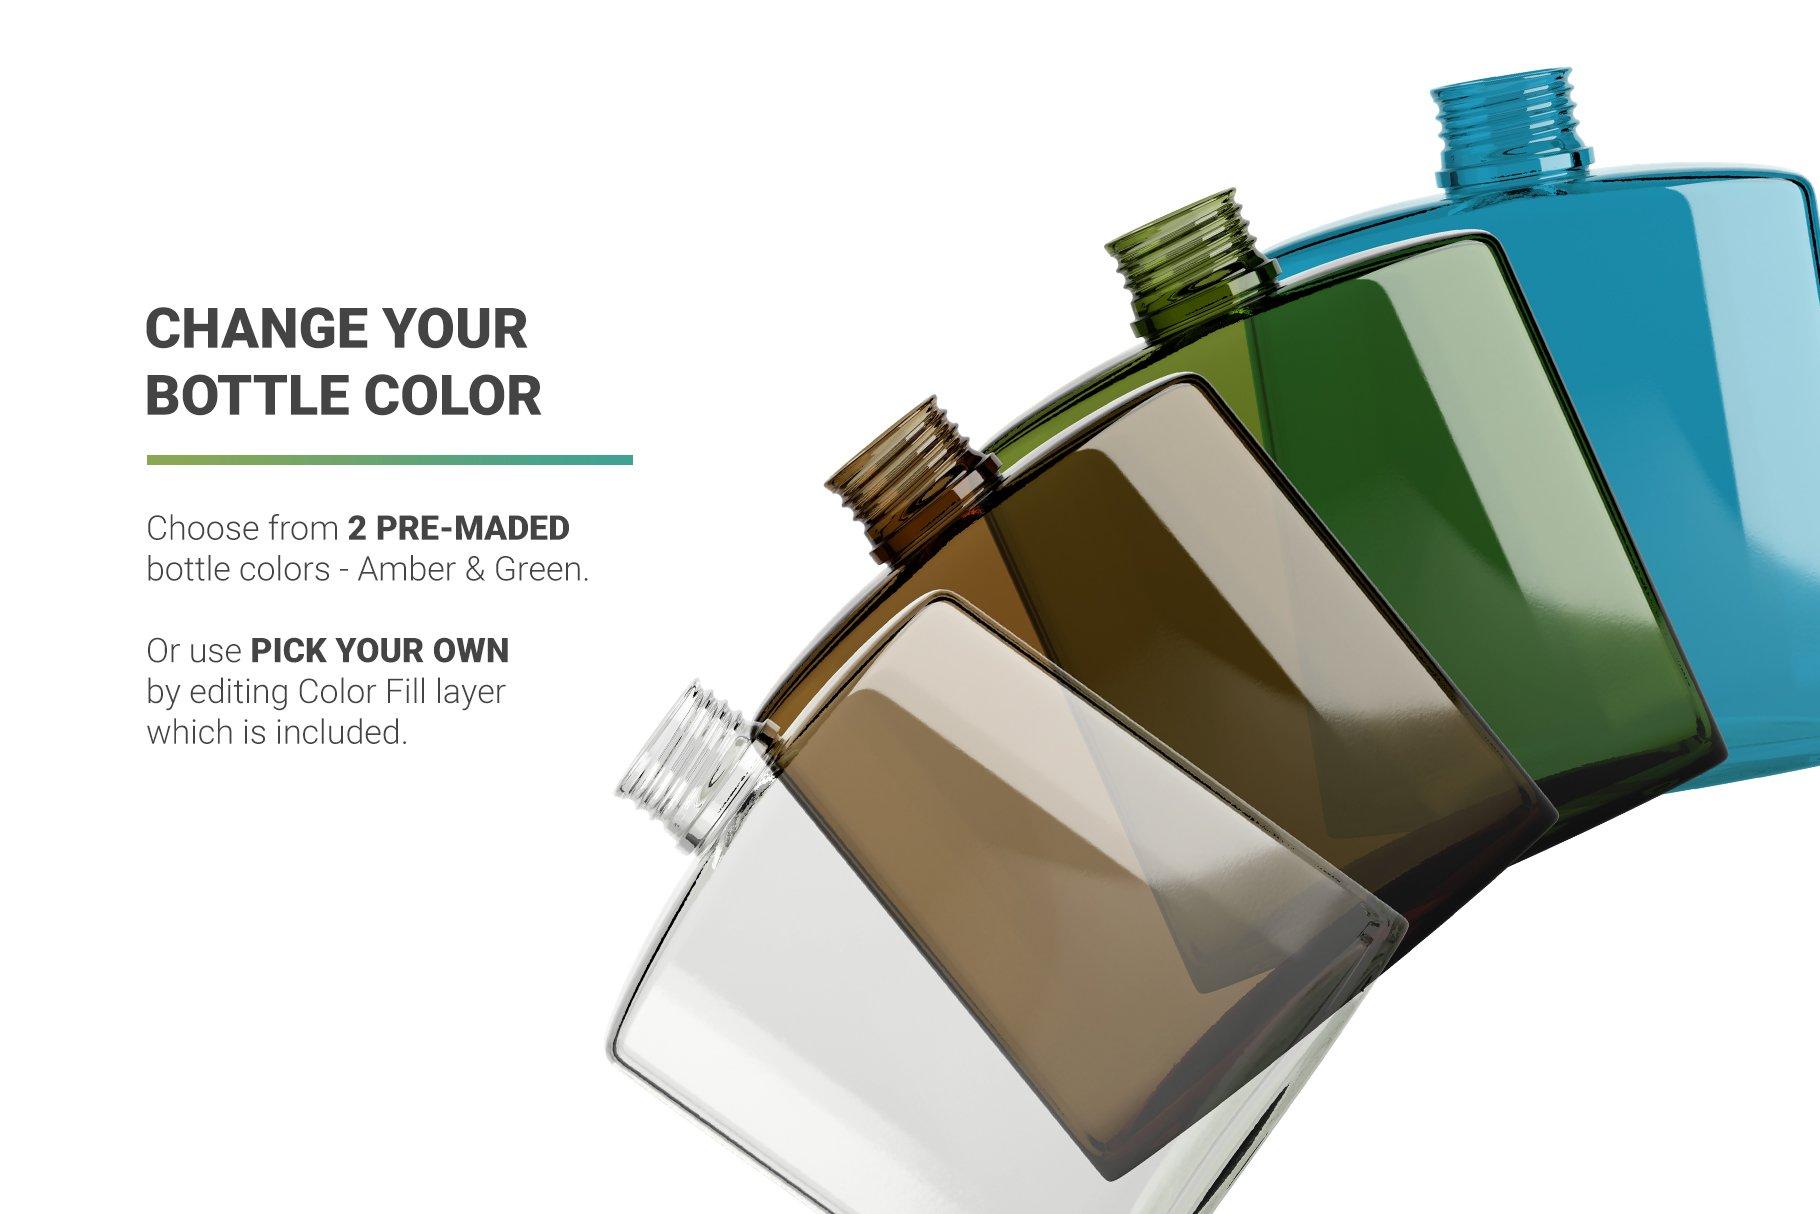 高品质冷冲咖啡包装瓶标签设计贴图样机 Coffee Bottle Mockup插图1